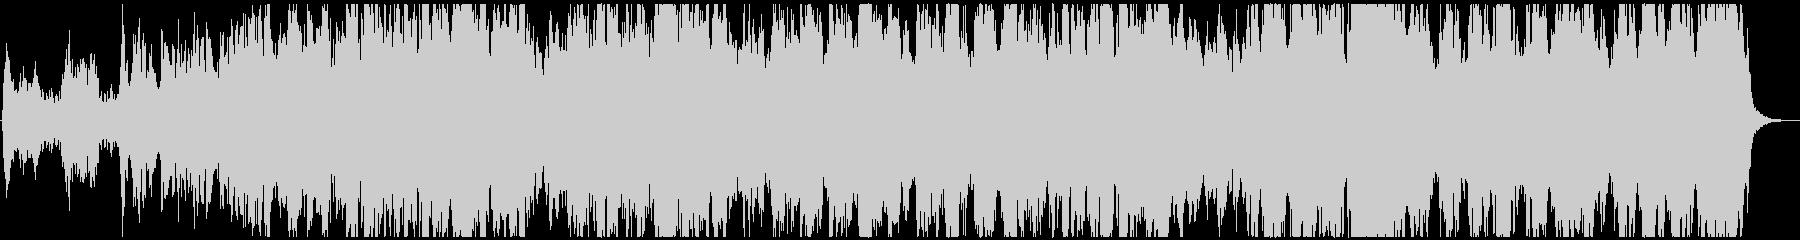 ワーグナー、「地獄の黙示録」で有名な曲の未再生の波形